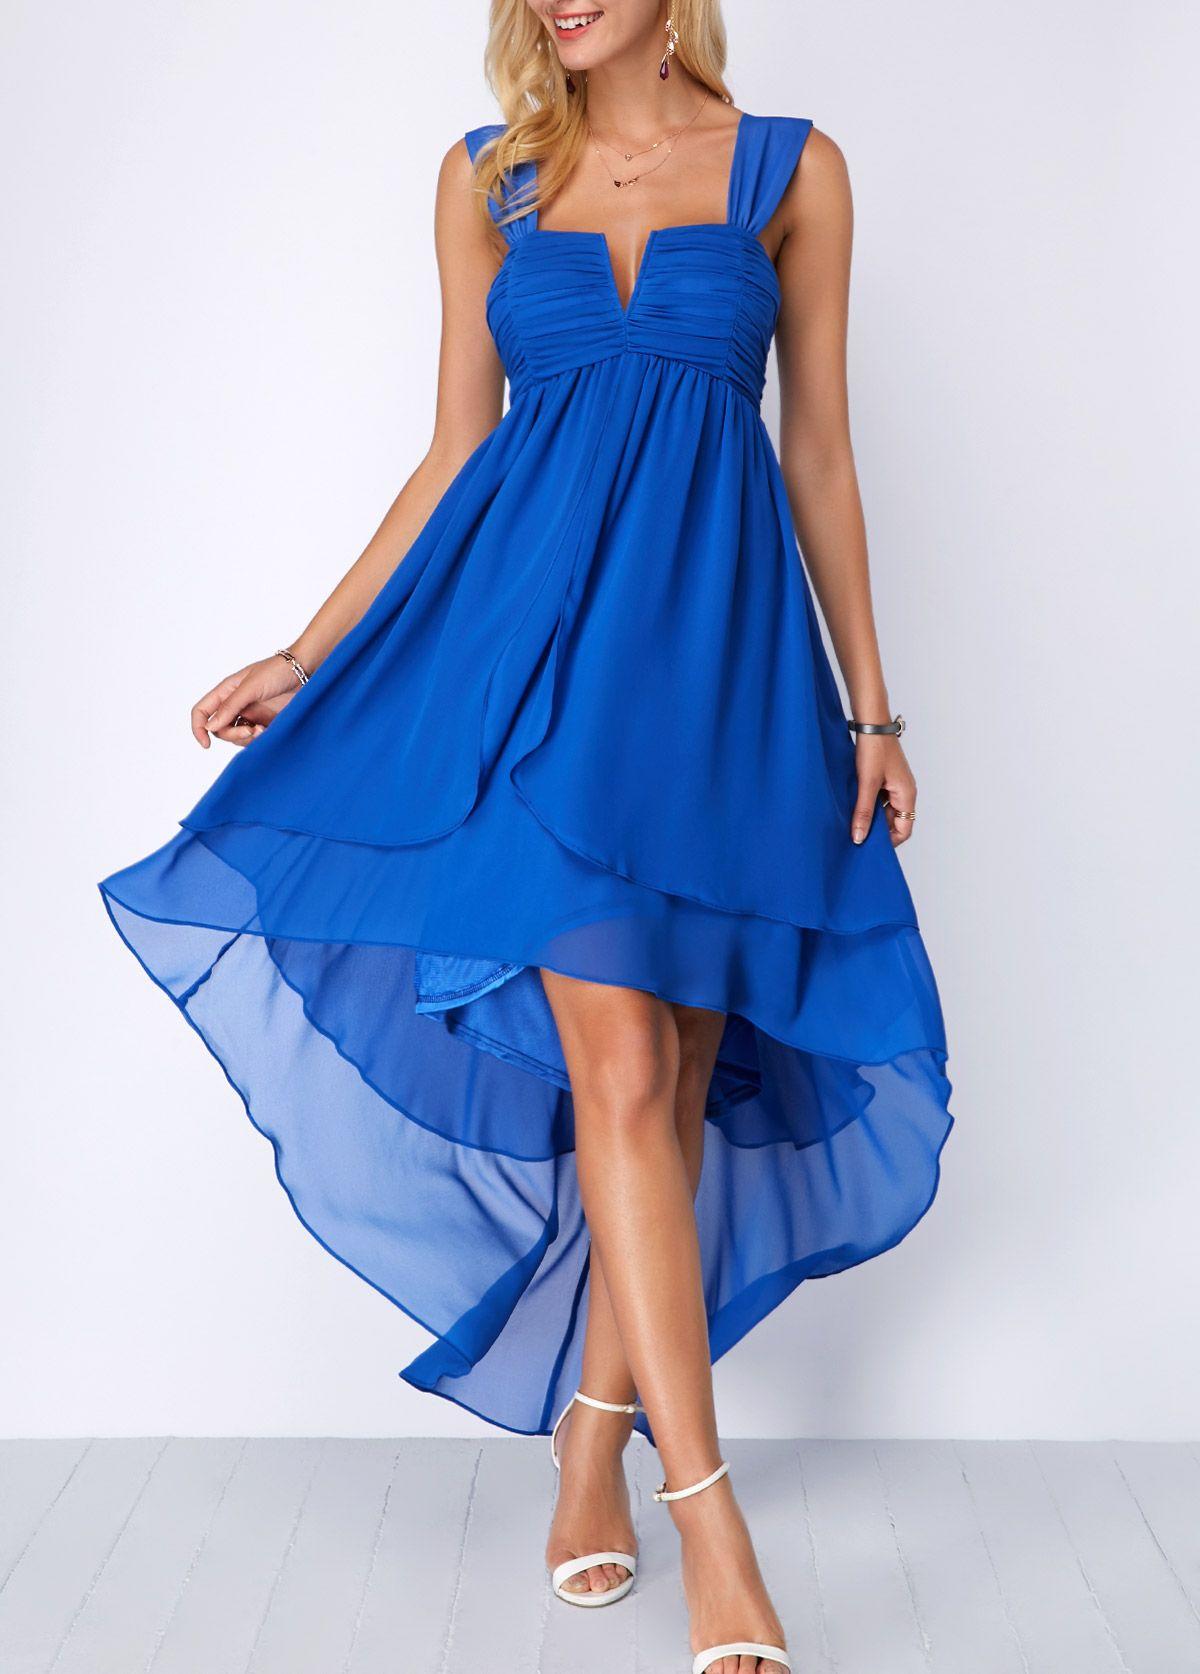 Dresses #Fashion #Dresses   Fashion, Fashion clothes women